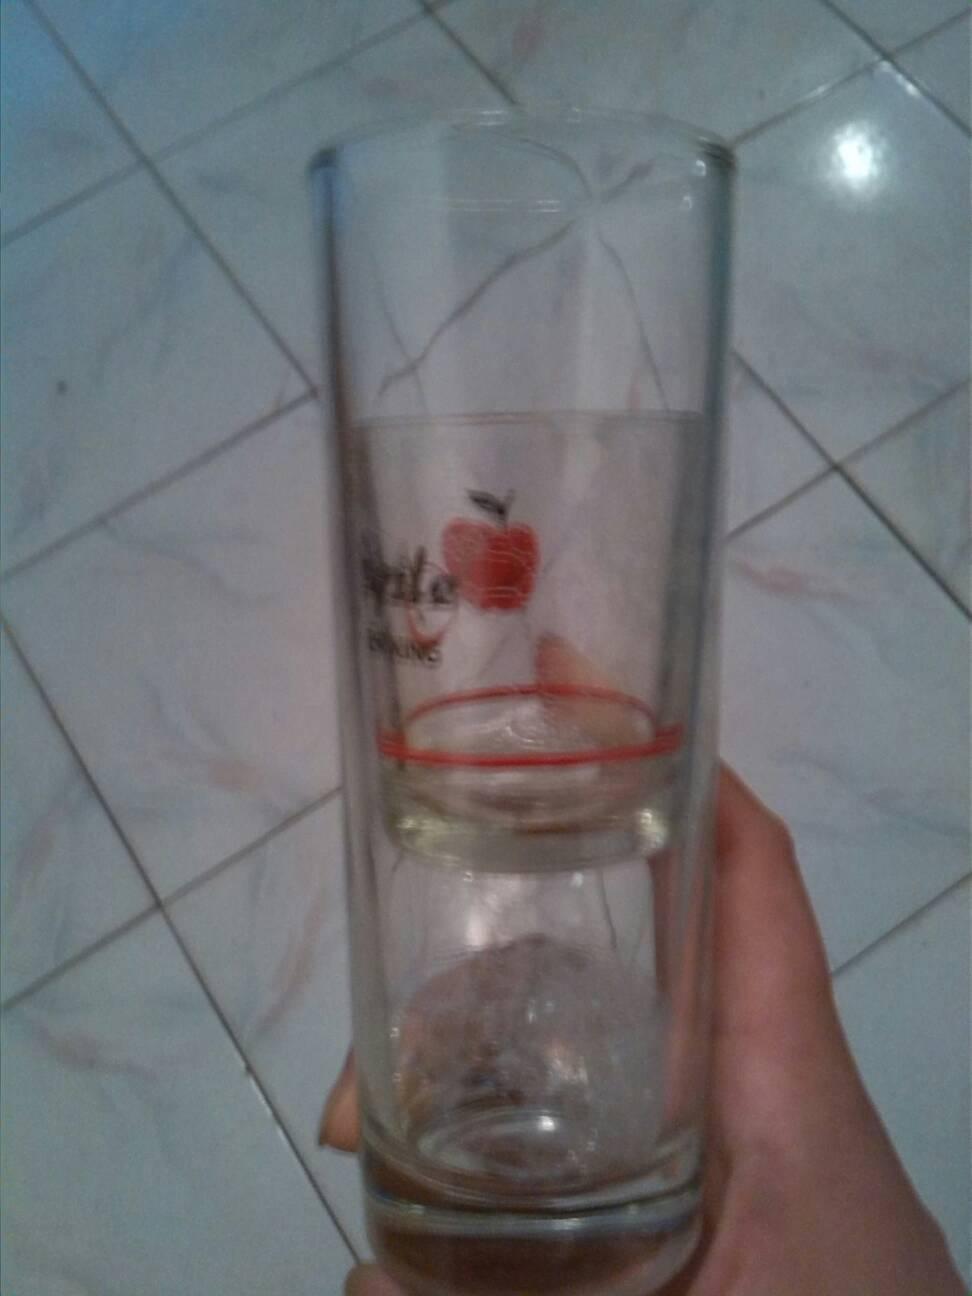 儿子把小玻璃杯放进大玻璃杯了,怎么也拿不出来了,求办法!图片